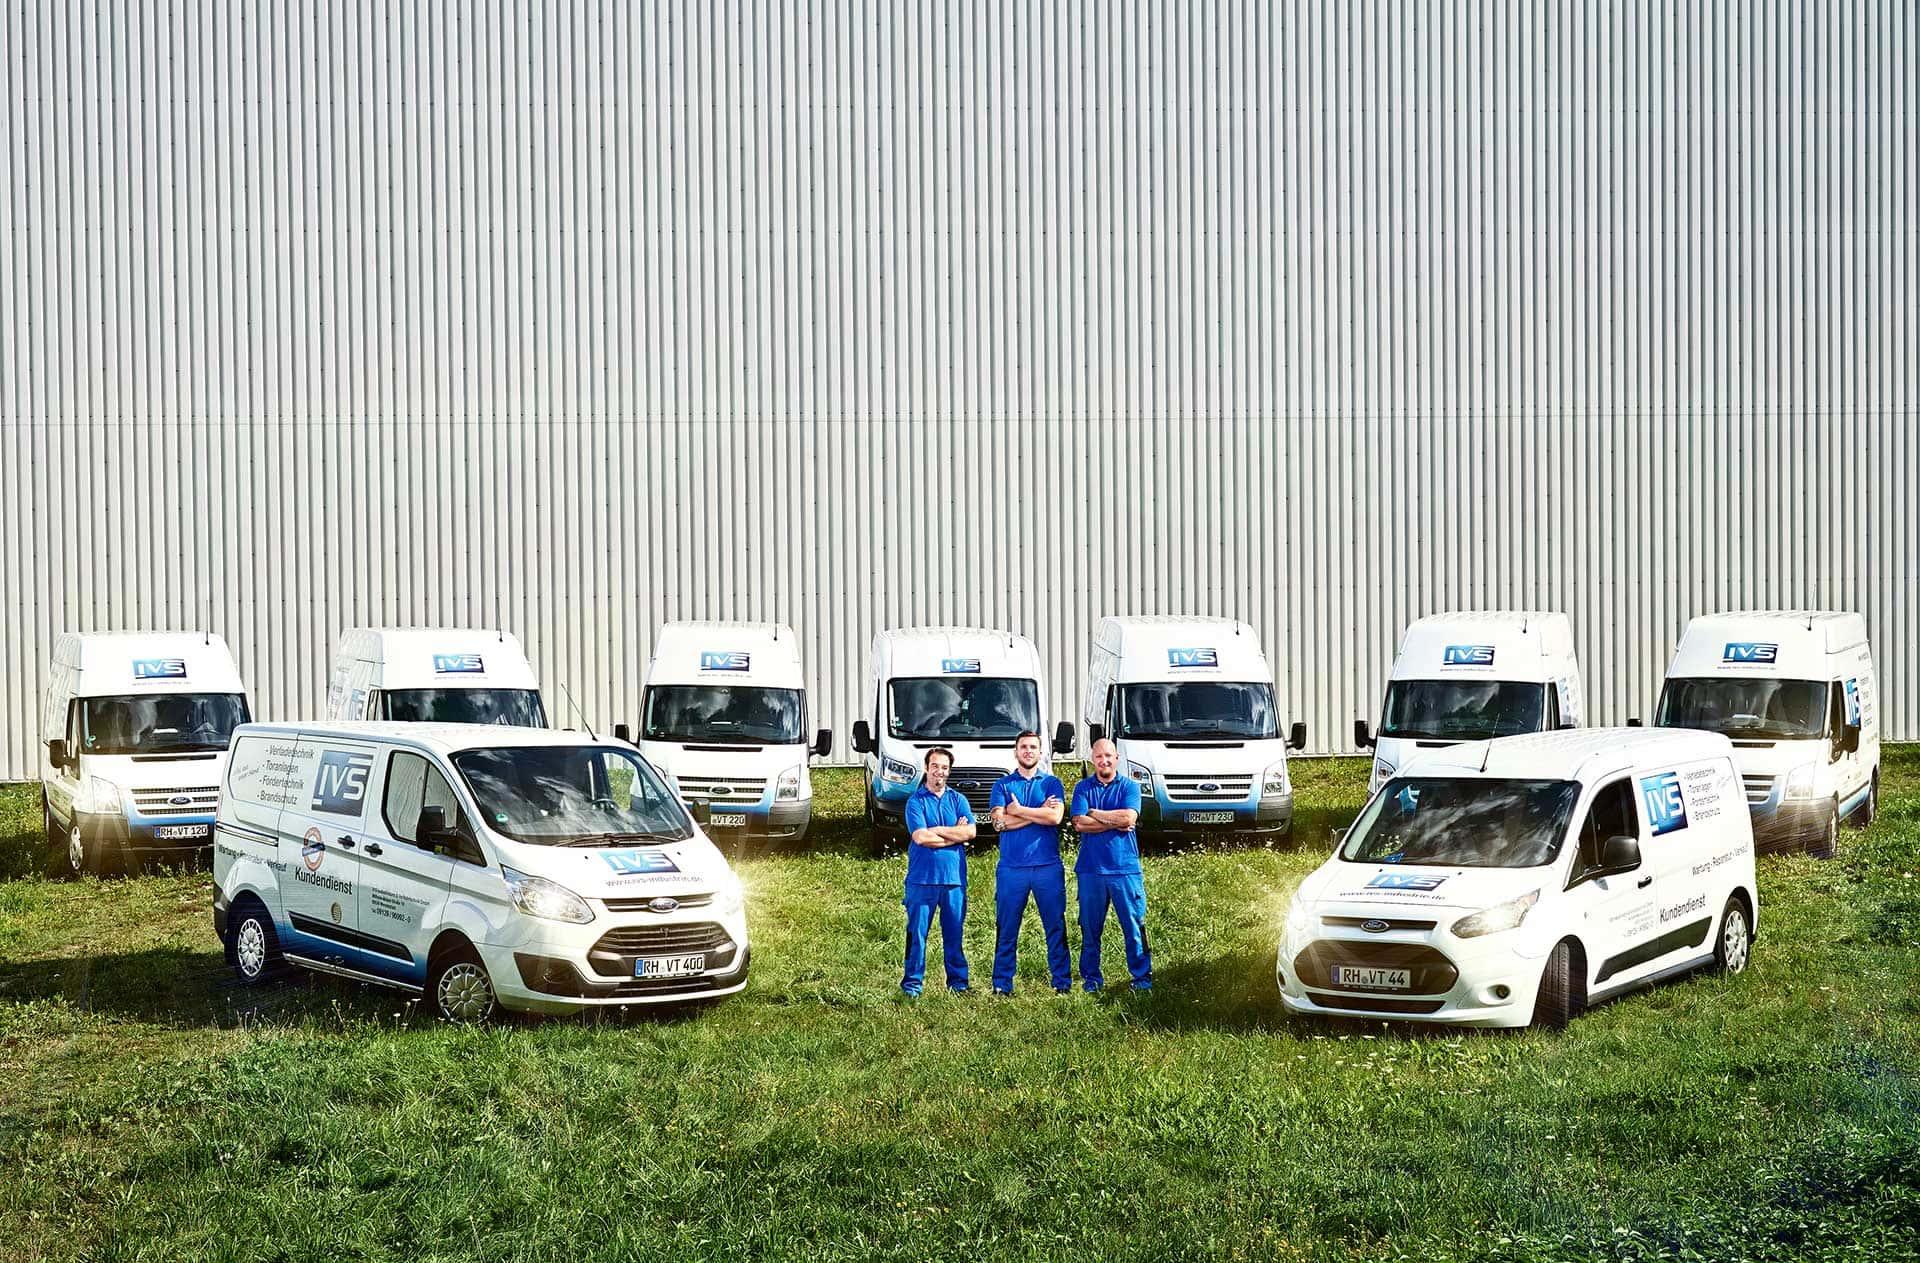 Imagefotografie für das Unternehmen IVS Industrietore & Verladetechnik GmbH